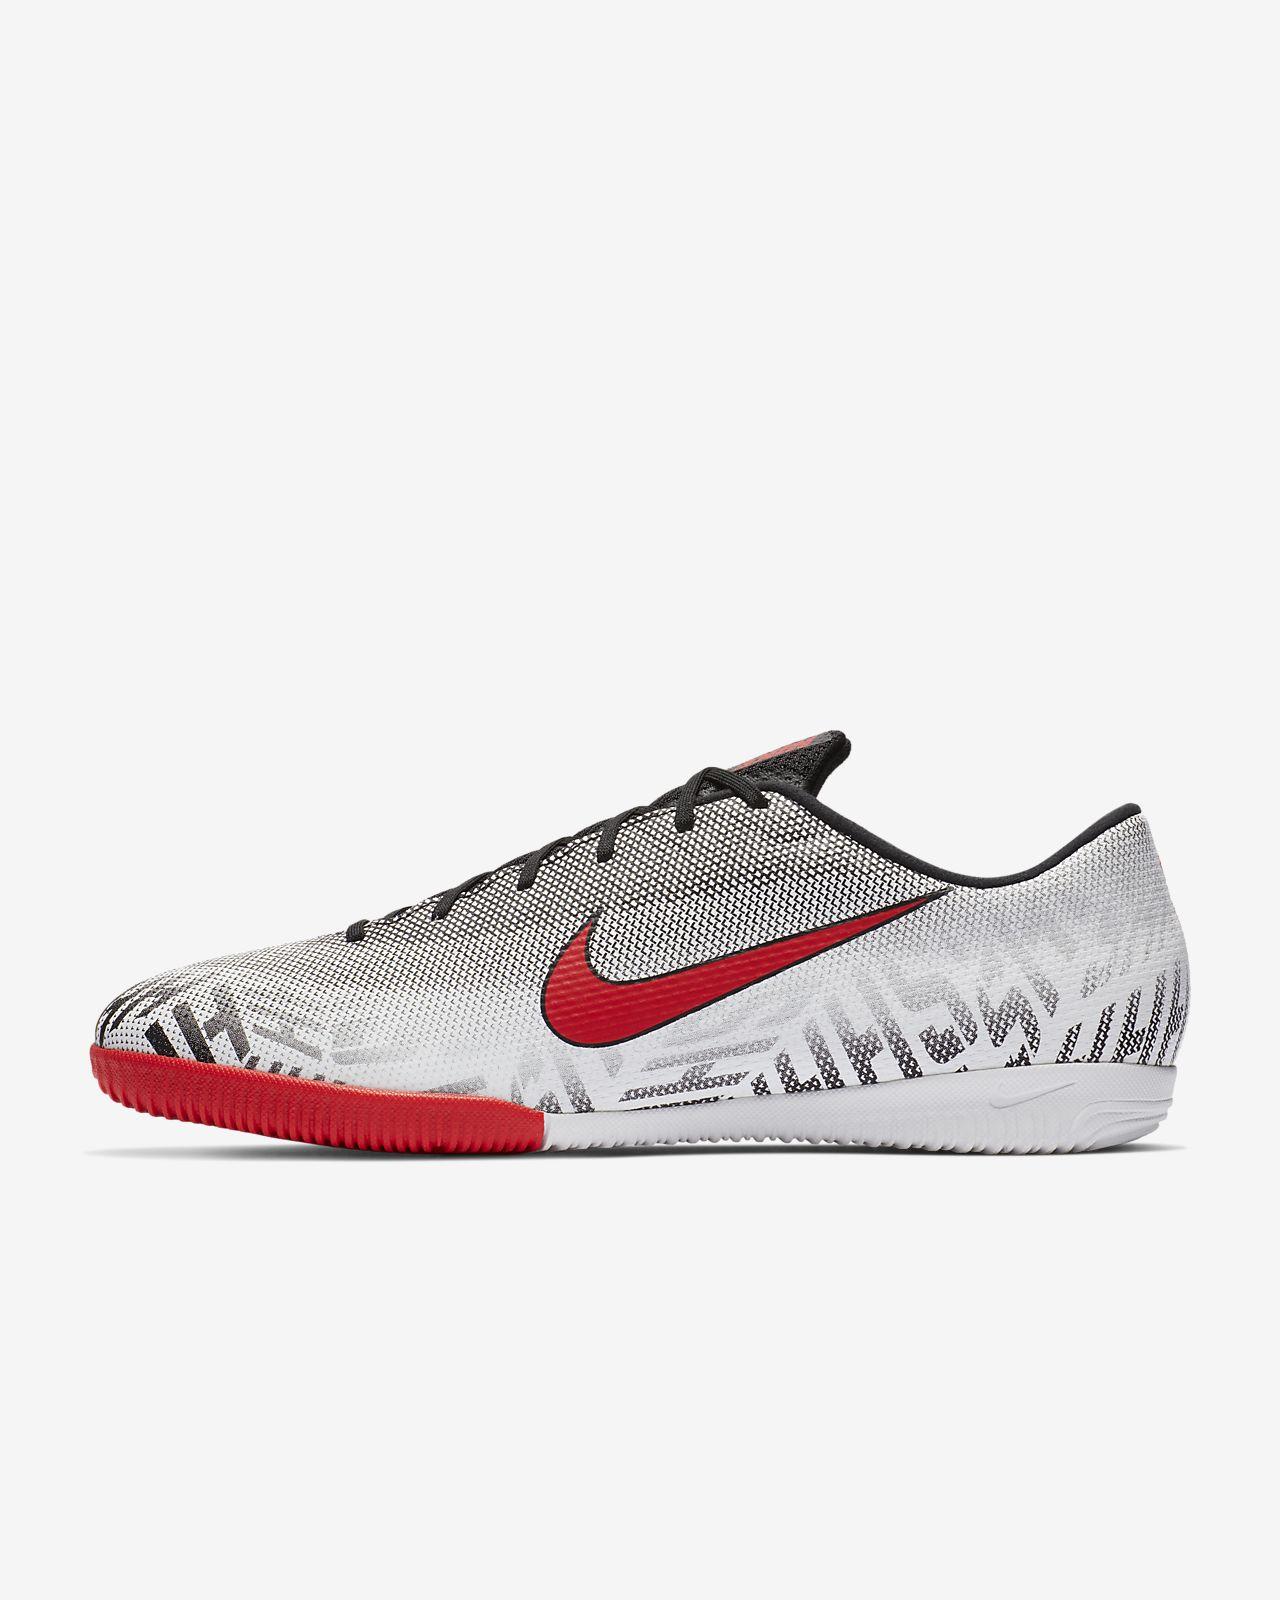 Nike Mercurial Vapor XII Academy Neymar Jr Indoor/Court Soccer Shoe